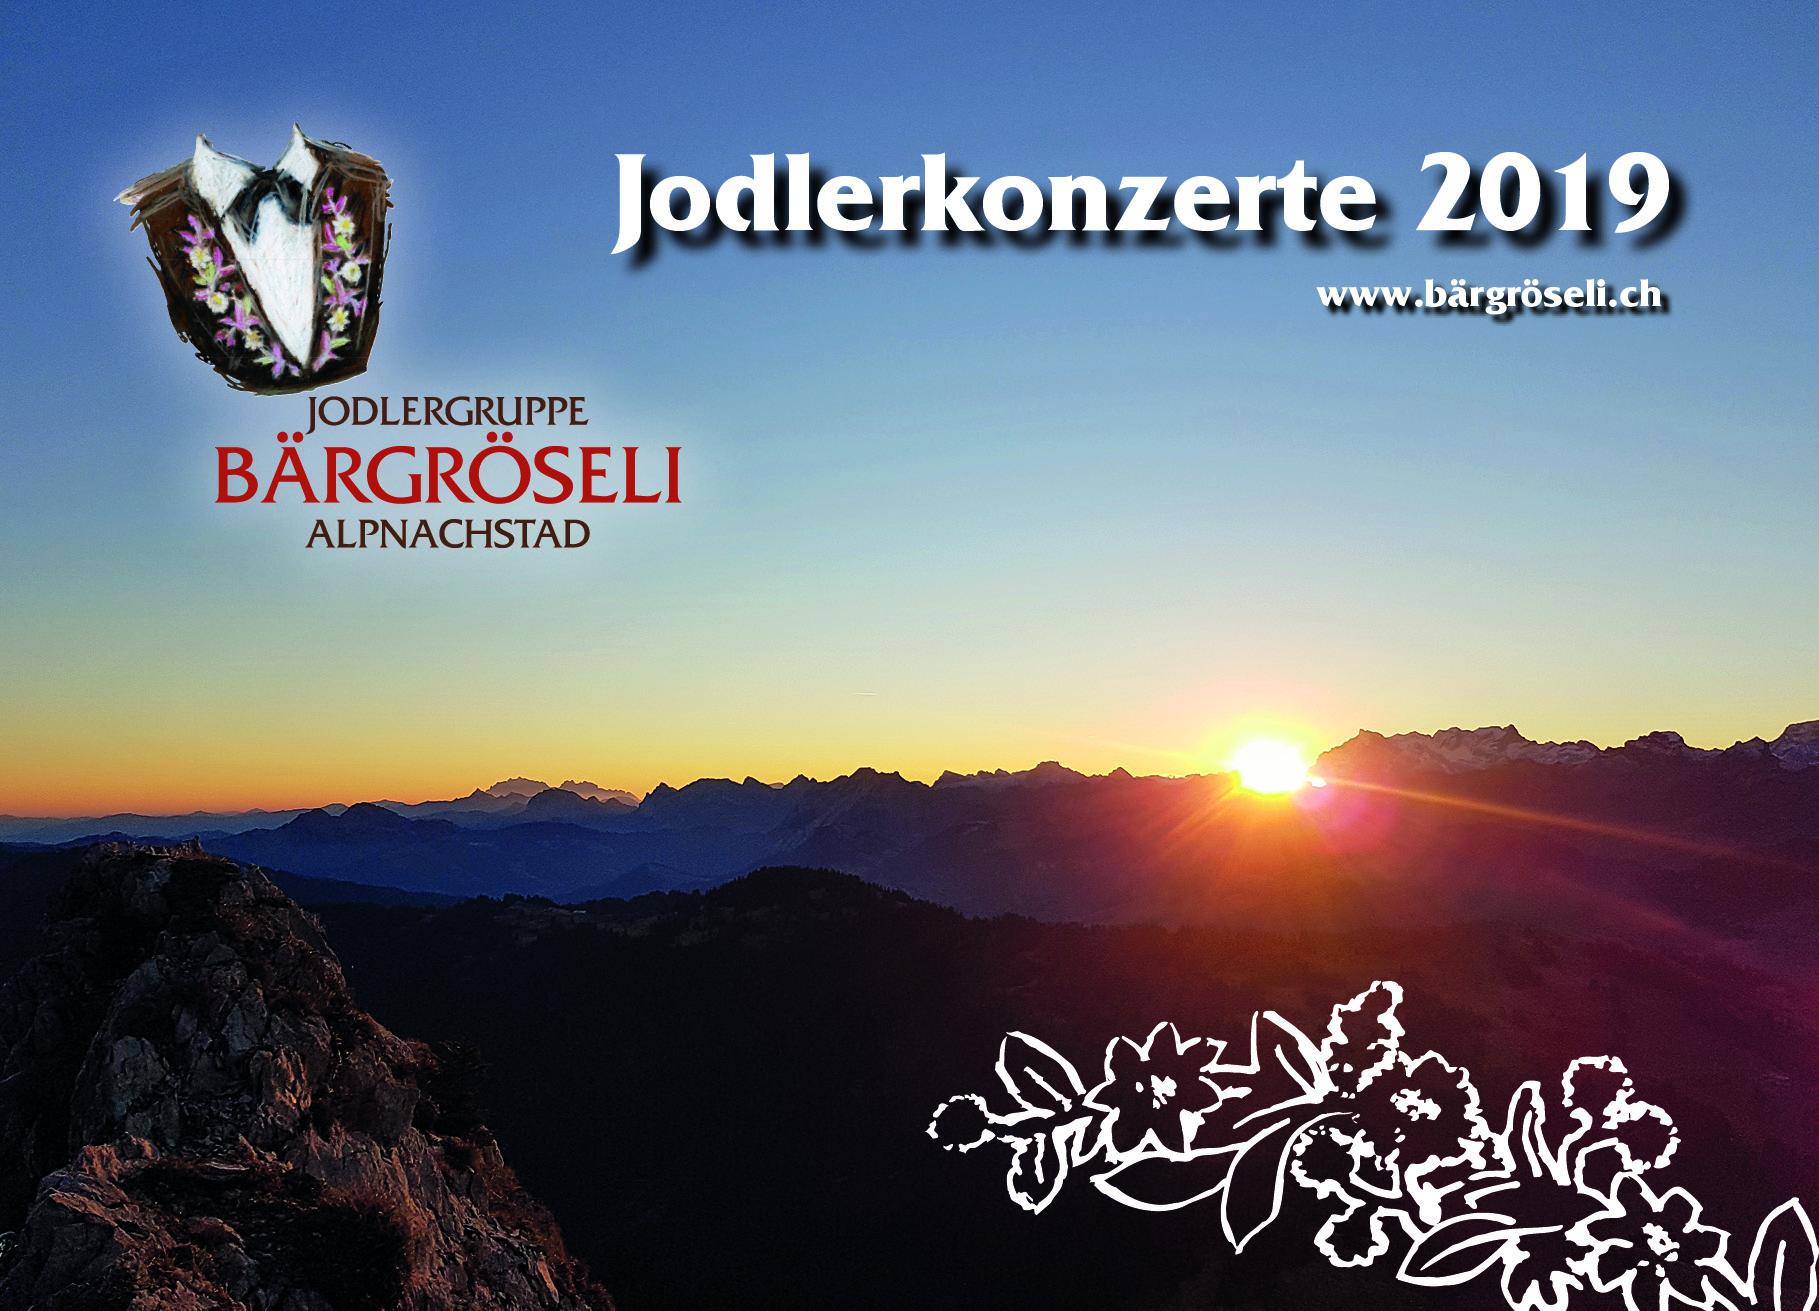 Jodlerkonzerte 2019